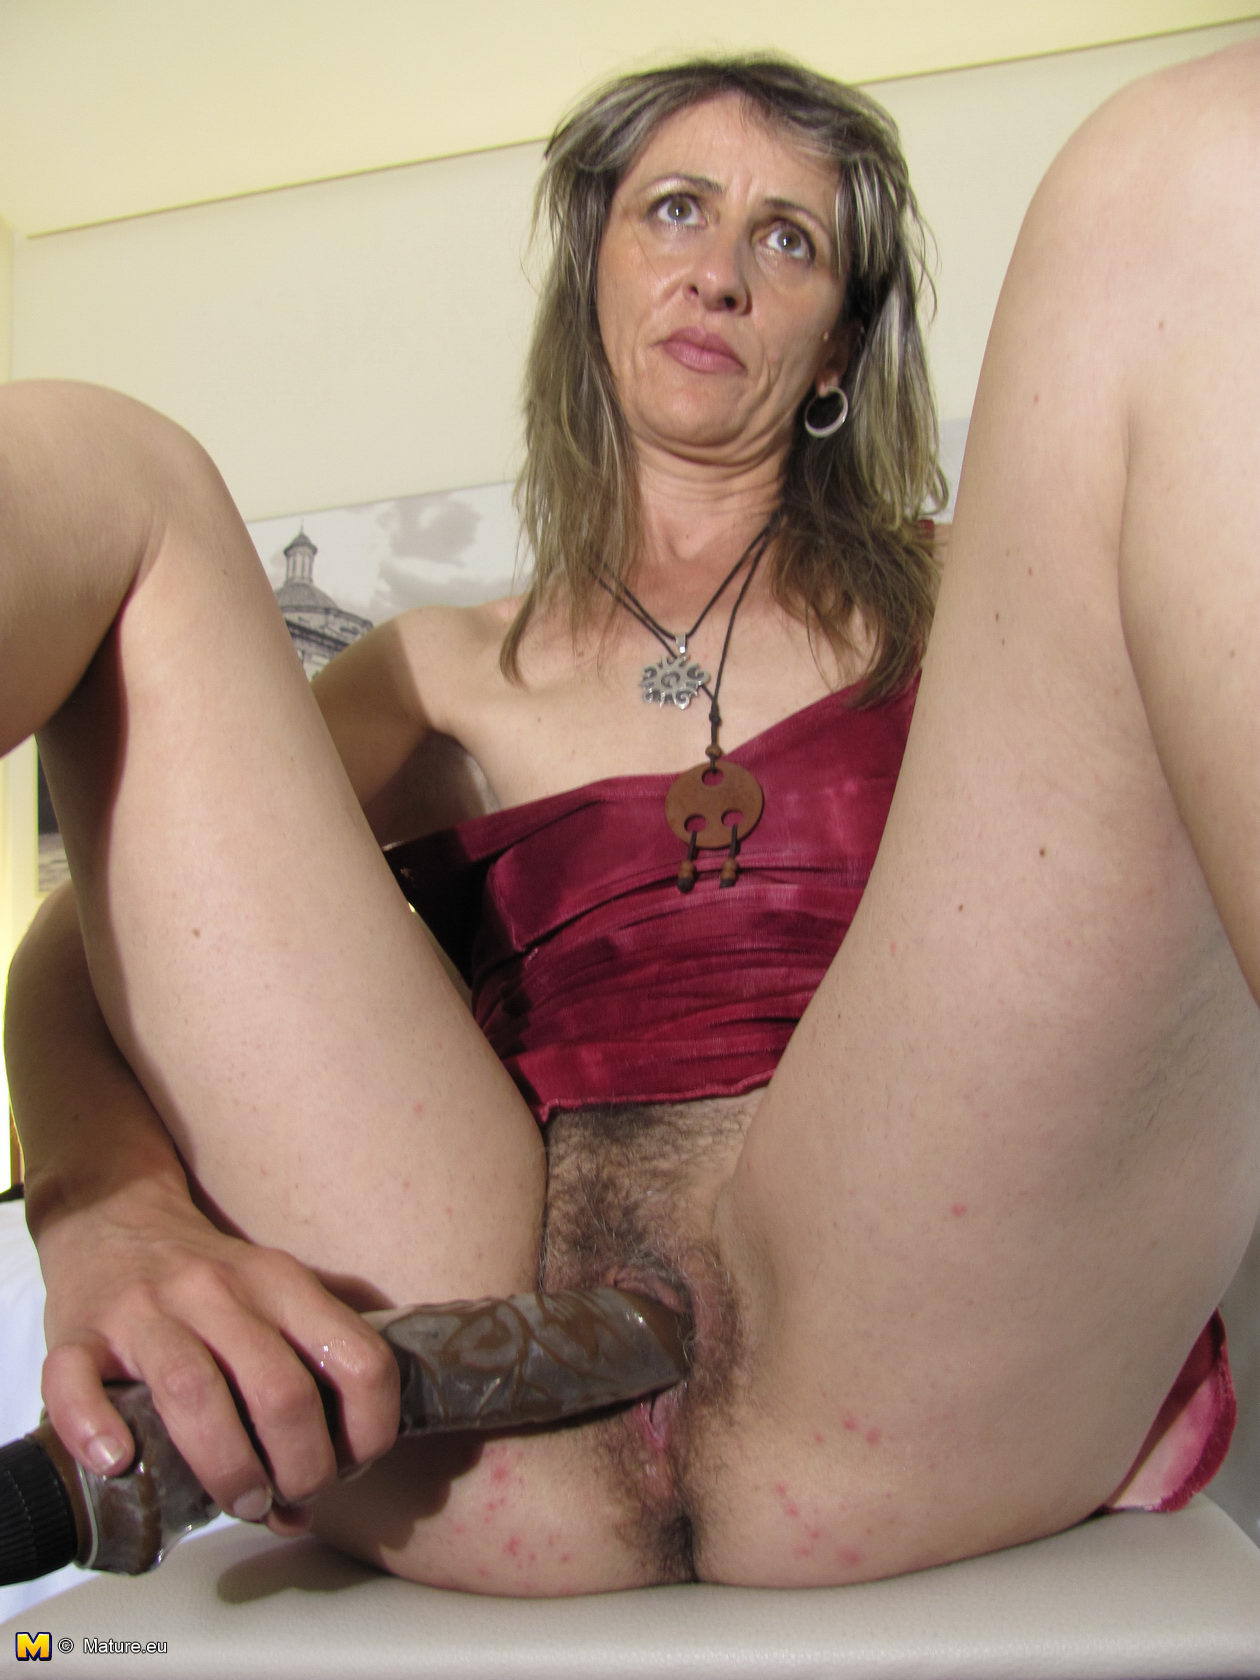 инцест младший брат и сестра порно видео онлайн смотреть